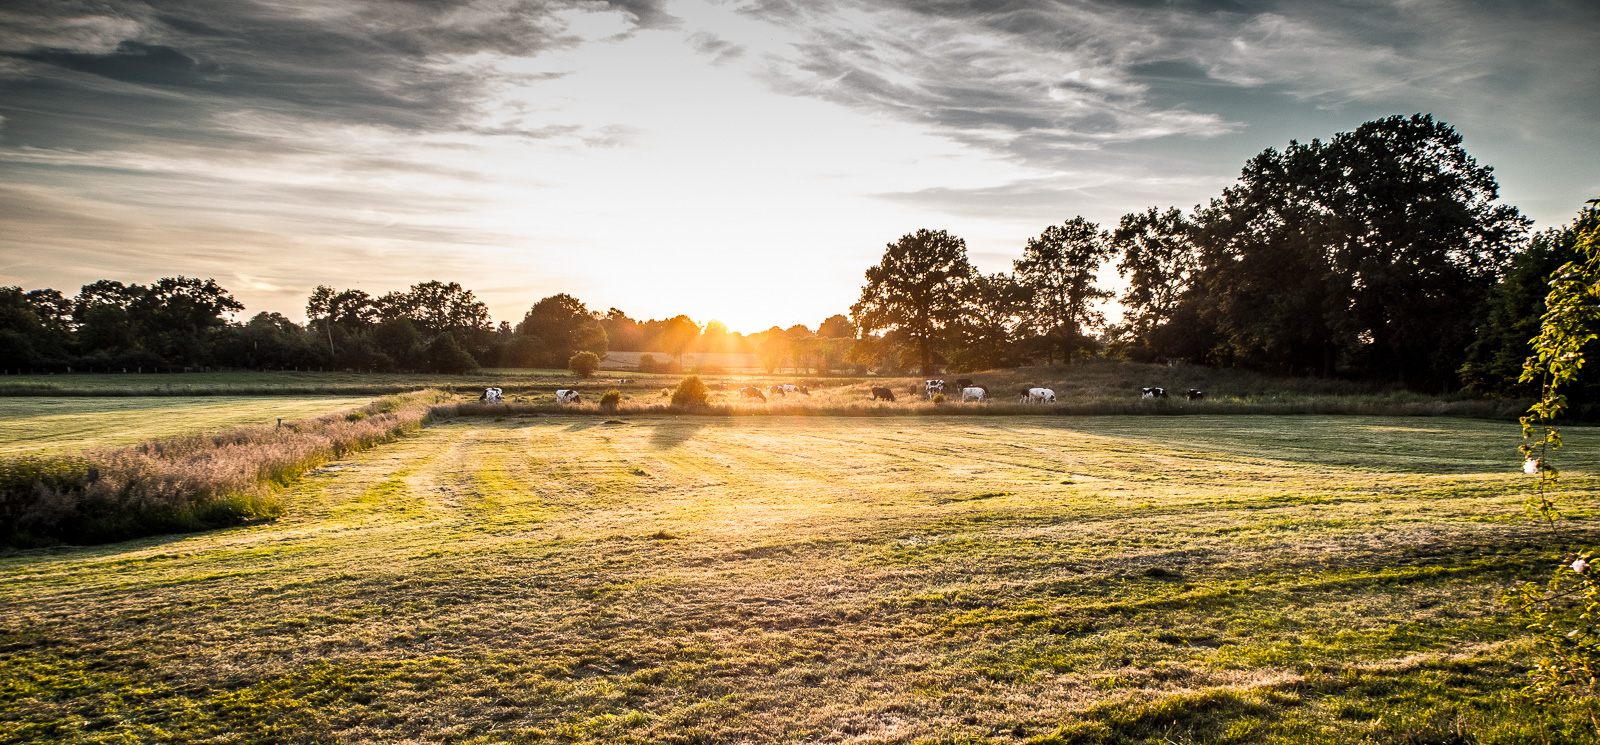 Sonnenuntergang über dem Feld, mit ein paar Kühen und dramatischem Verlaufsfilter für die Wolken